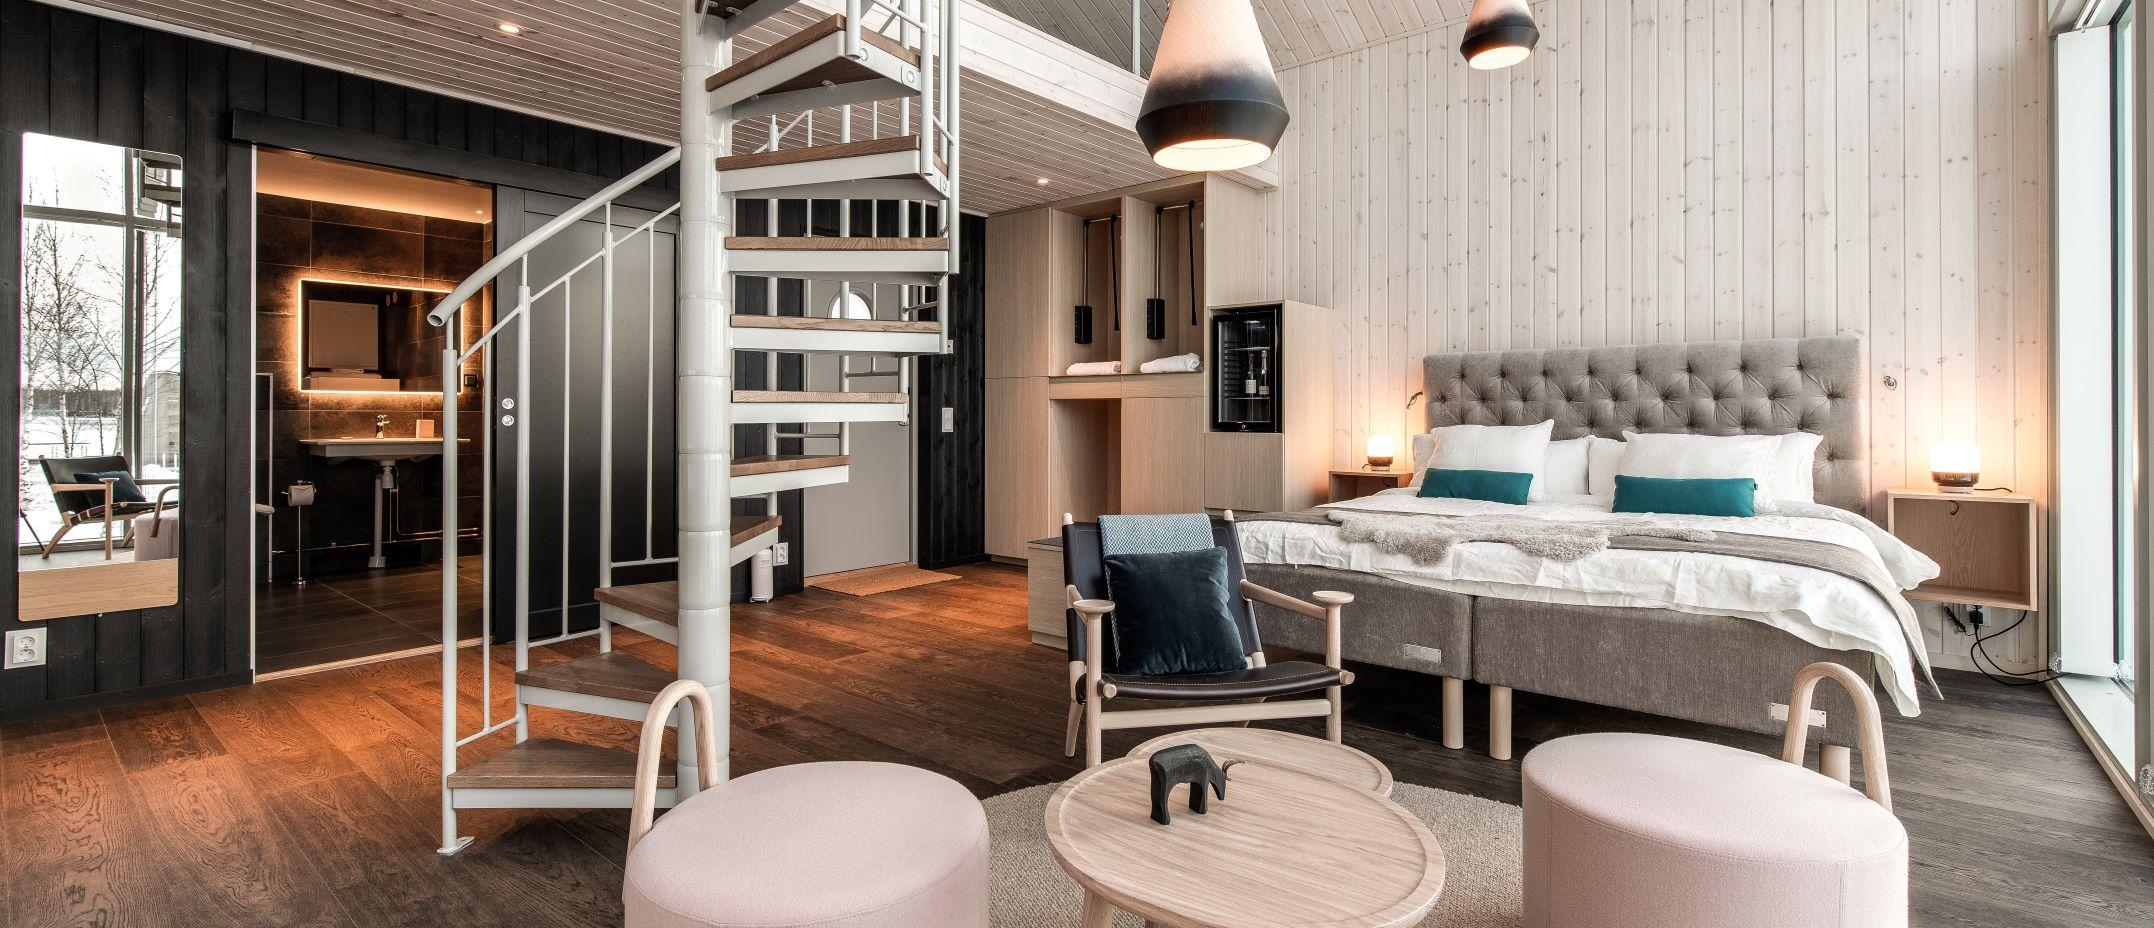 arctic-bath-hotel-land-cabin-bedroom